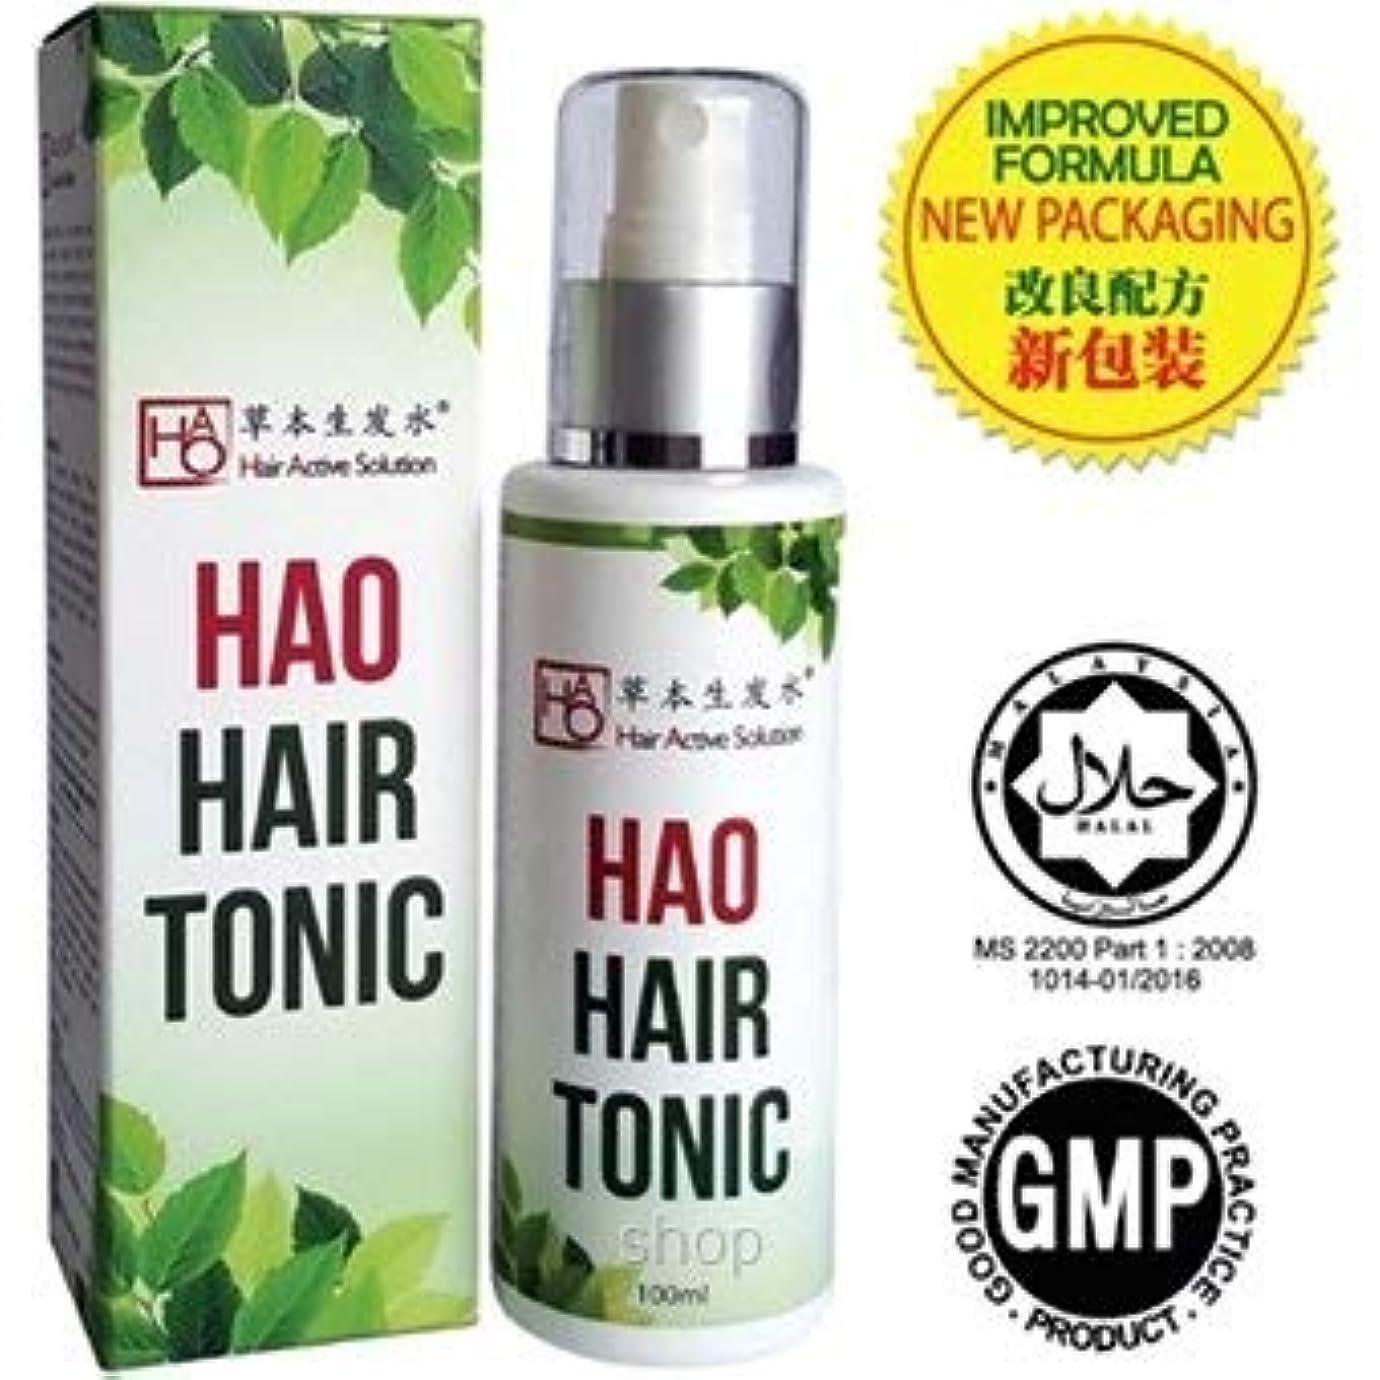 満足できる不倫刃HAO ヘアコンディショナー百ミリリットルイスラム教徒集中的かつ効果的な集中型の医療の助けが成長して白髪を防ぐため、新しい髪の成長、抜け毛、毛の密度の維持を減らします